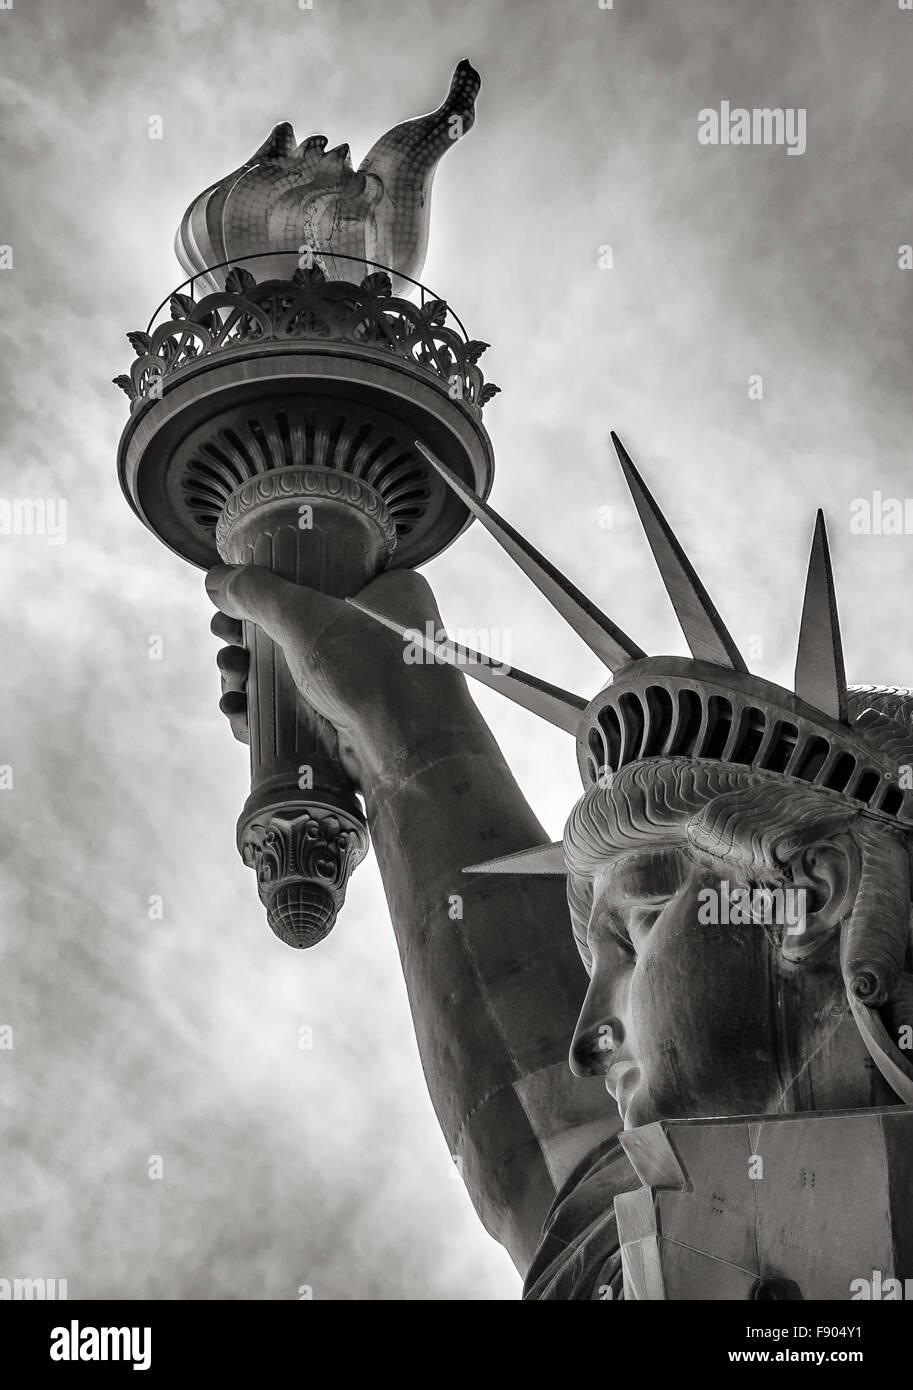 & Schwarz-weiß-Detail der Fackel, Krone und das Profil der Statue of Liberty, Liberty Island, New York Stockbild